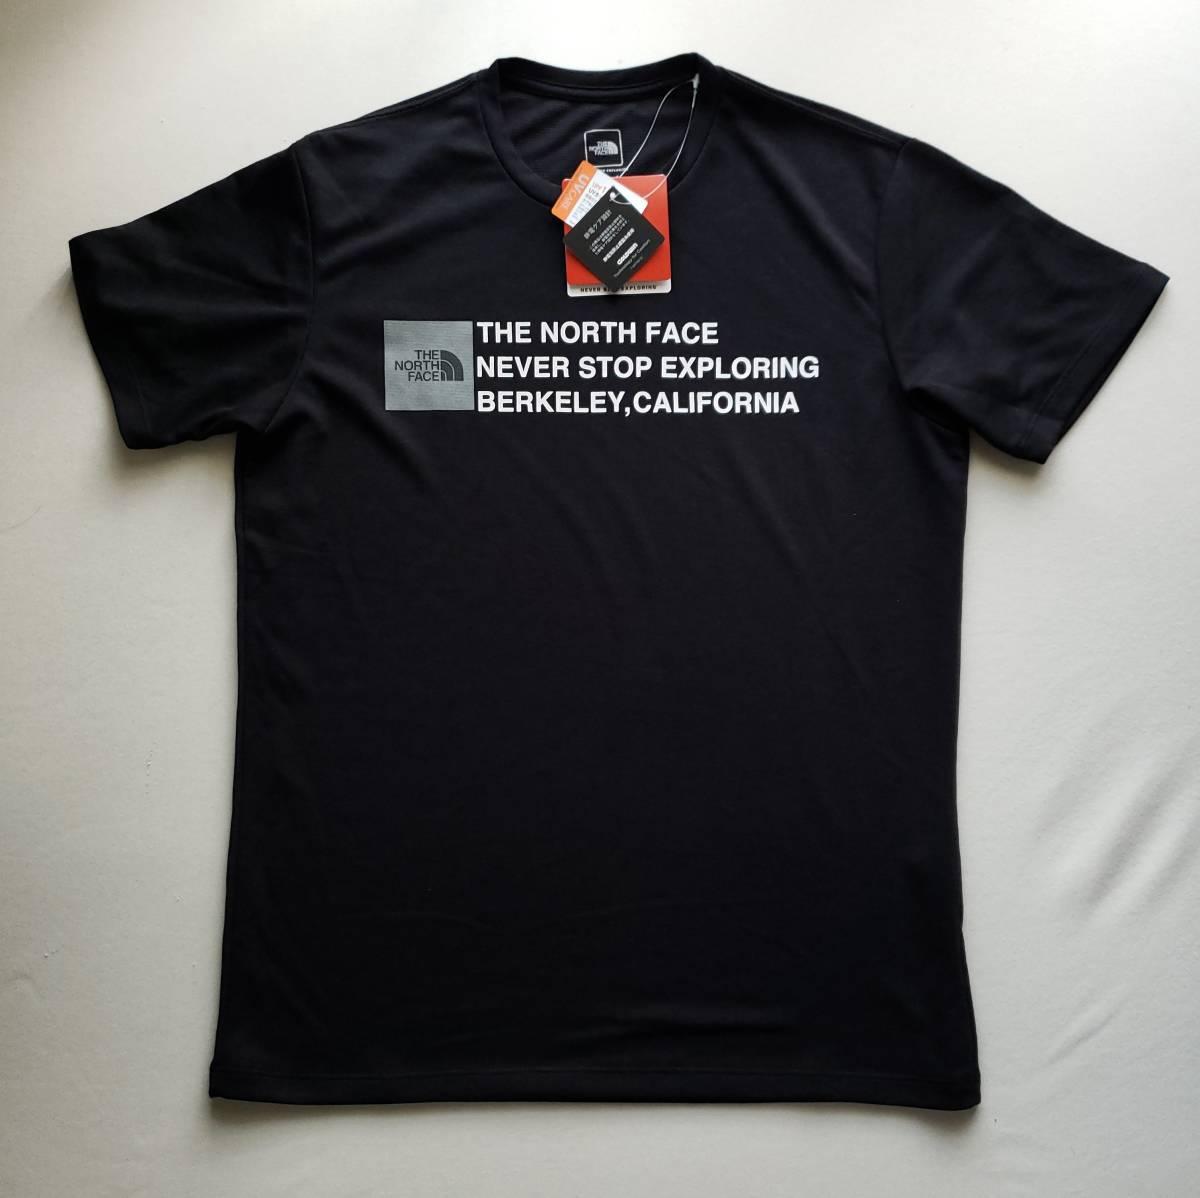 新品 国内正規品 ザ ノース フェイス THE NORTH FACE メンズ トレッキング 半袖Tシャツ SQUARE LOGO TEE ブラック  Lサイズ